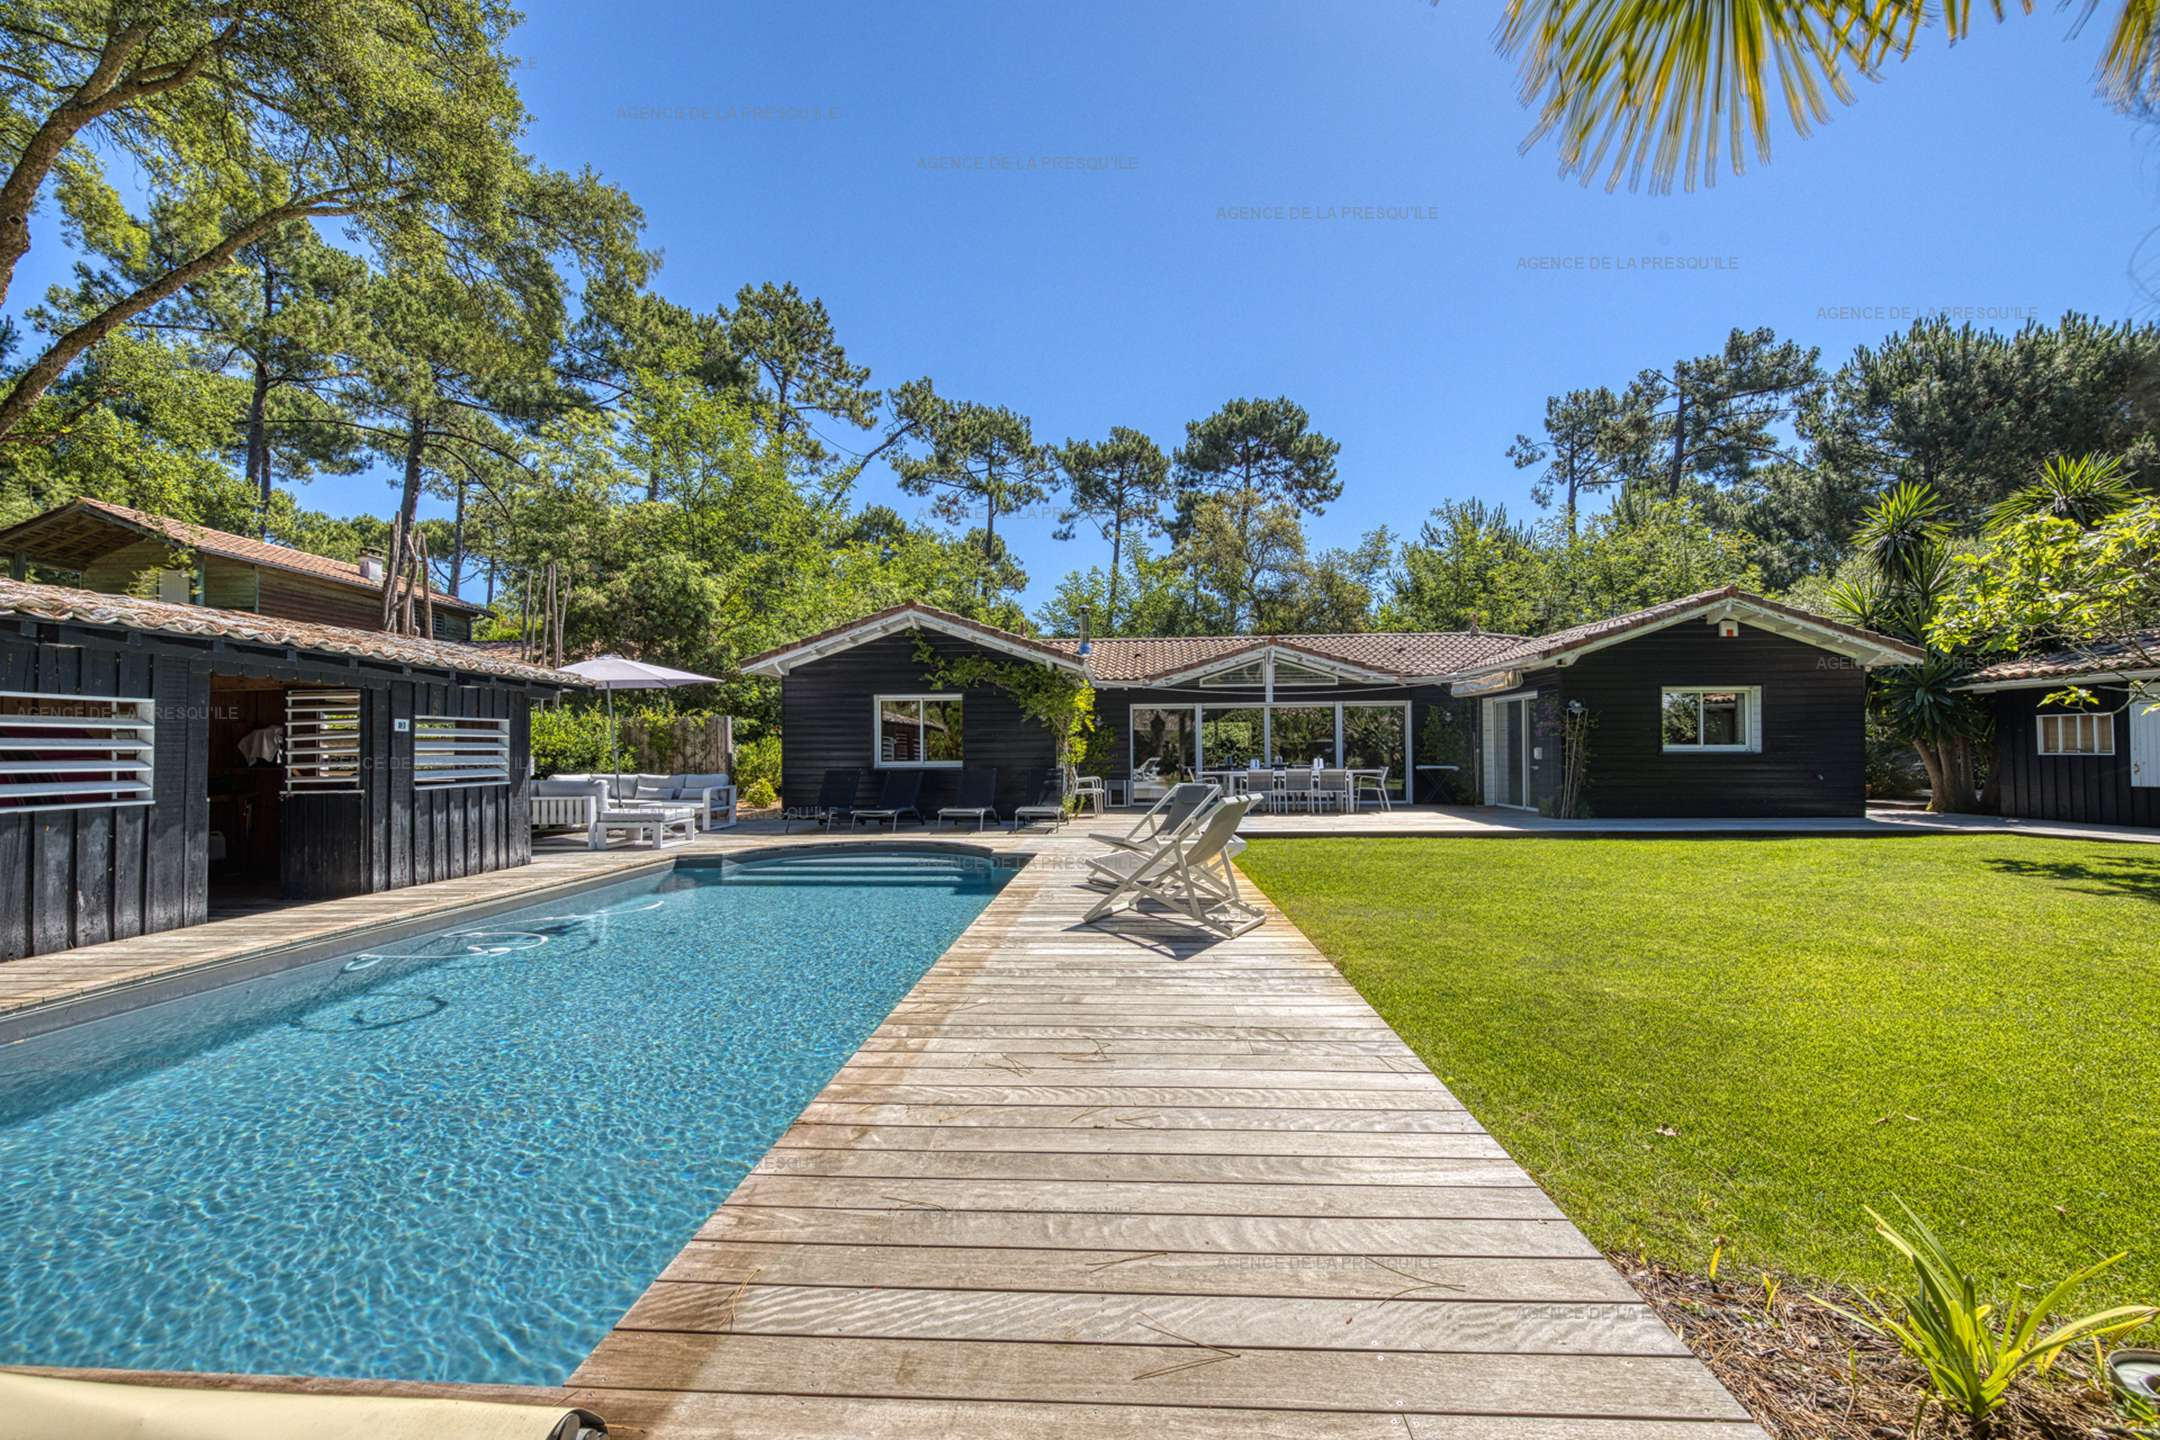 Location: Très belle villa en bois au calme avec piscine chauffée 15